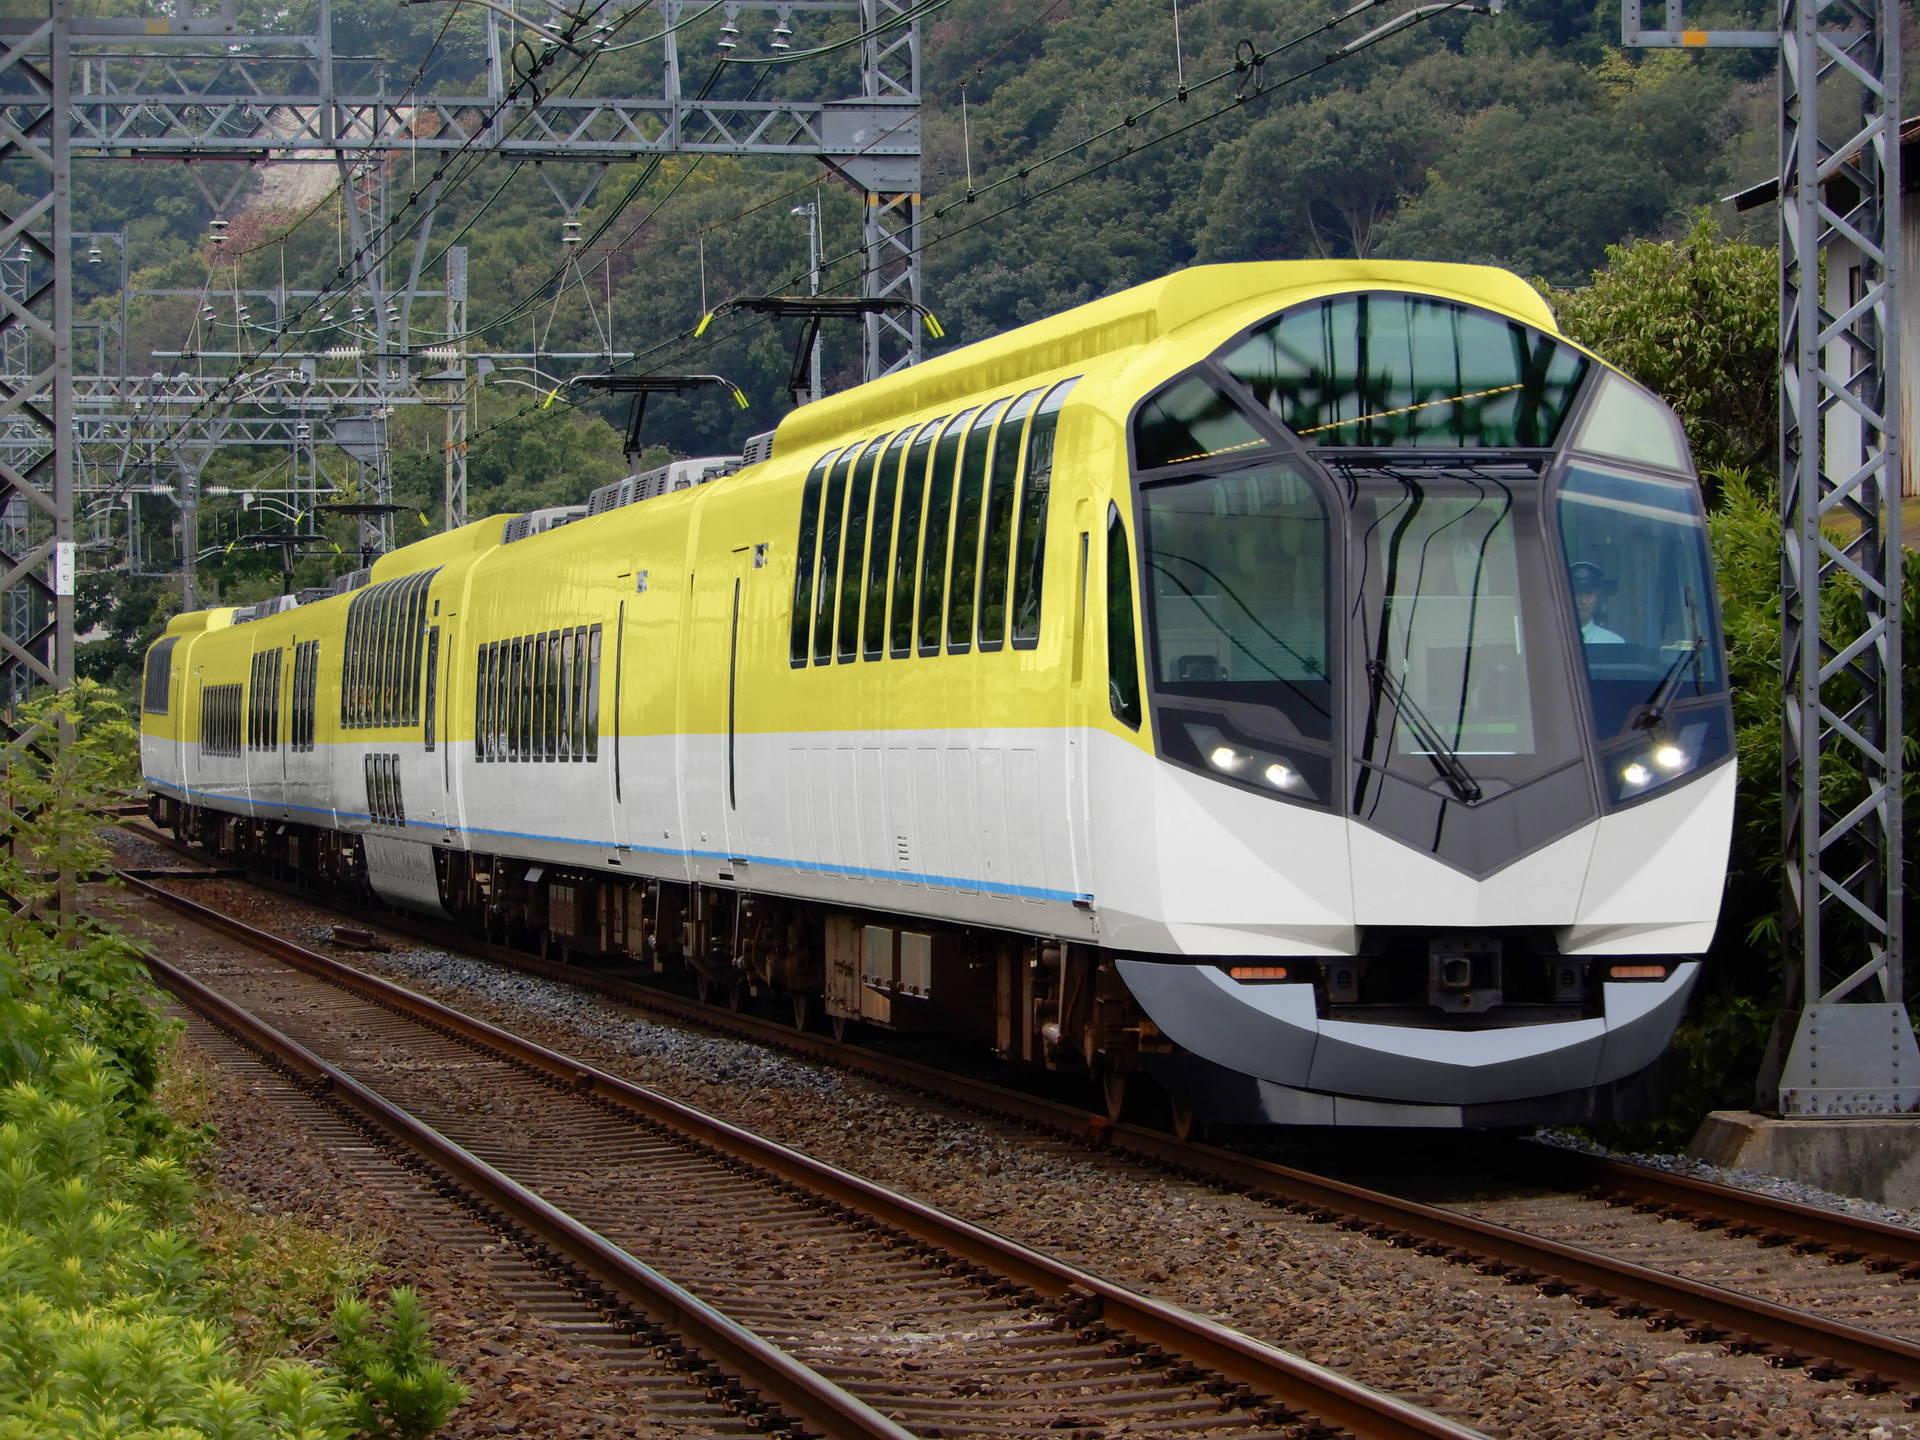 伊勢志摩ライナー旧塗色の近鉄50000系(ウソ電)